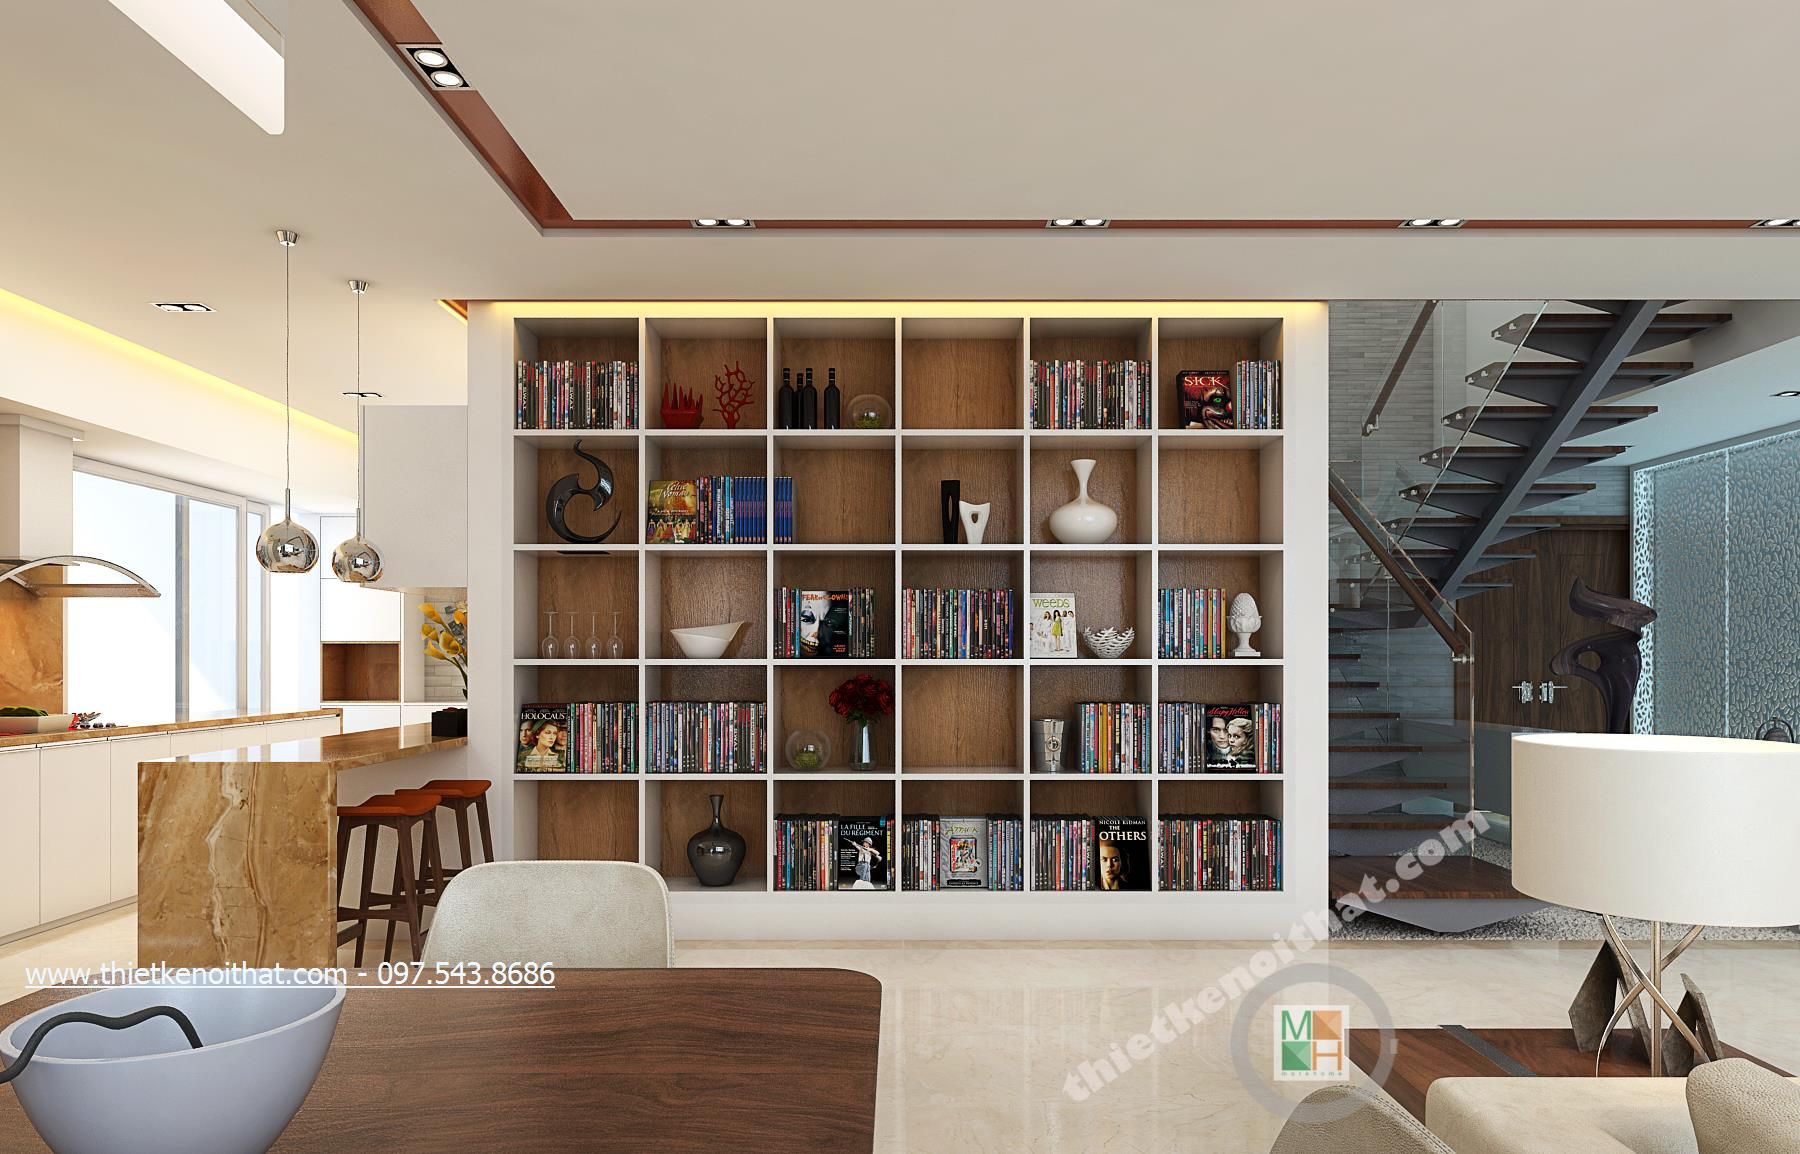 Thiết kế nội thất chung cư Duplex Mandarin Garden phong cách hiện đại đẹp